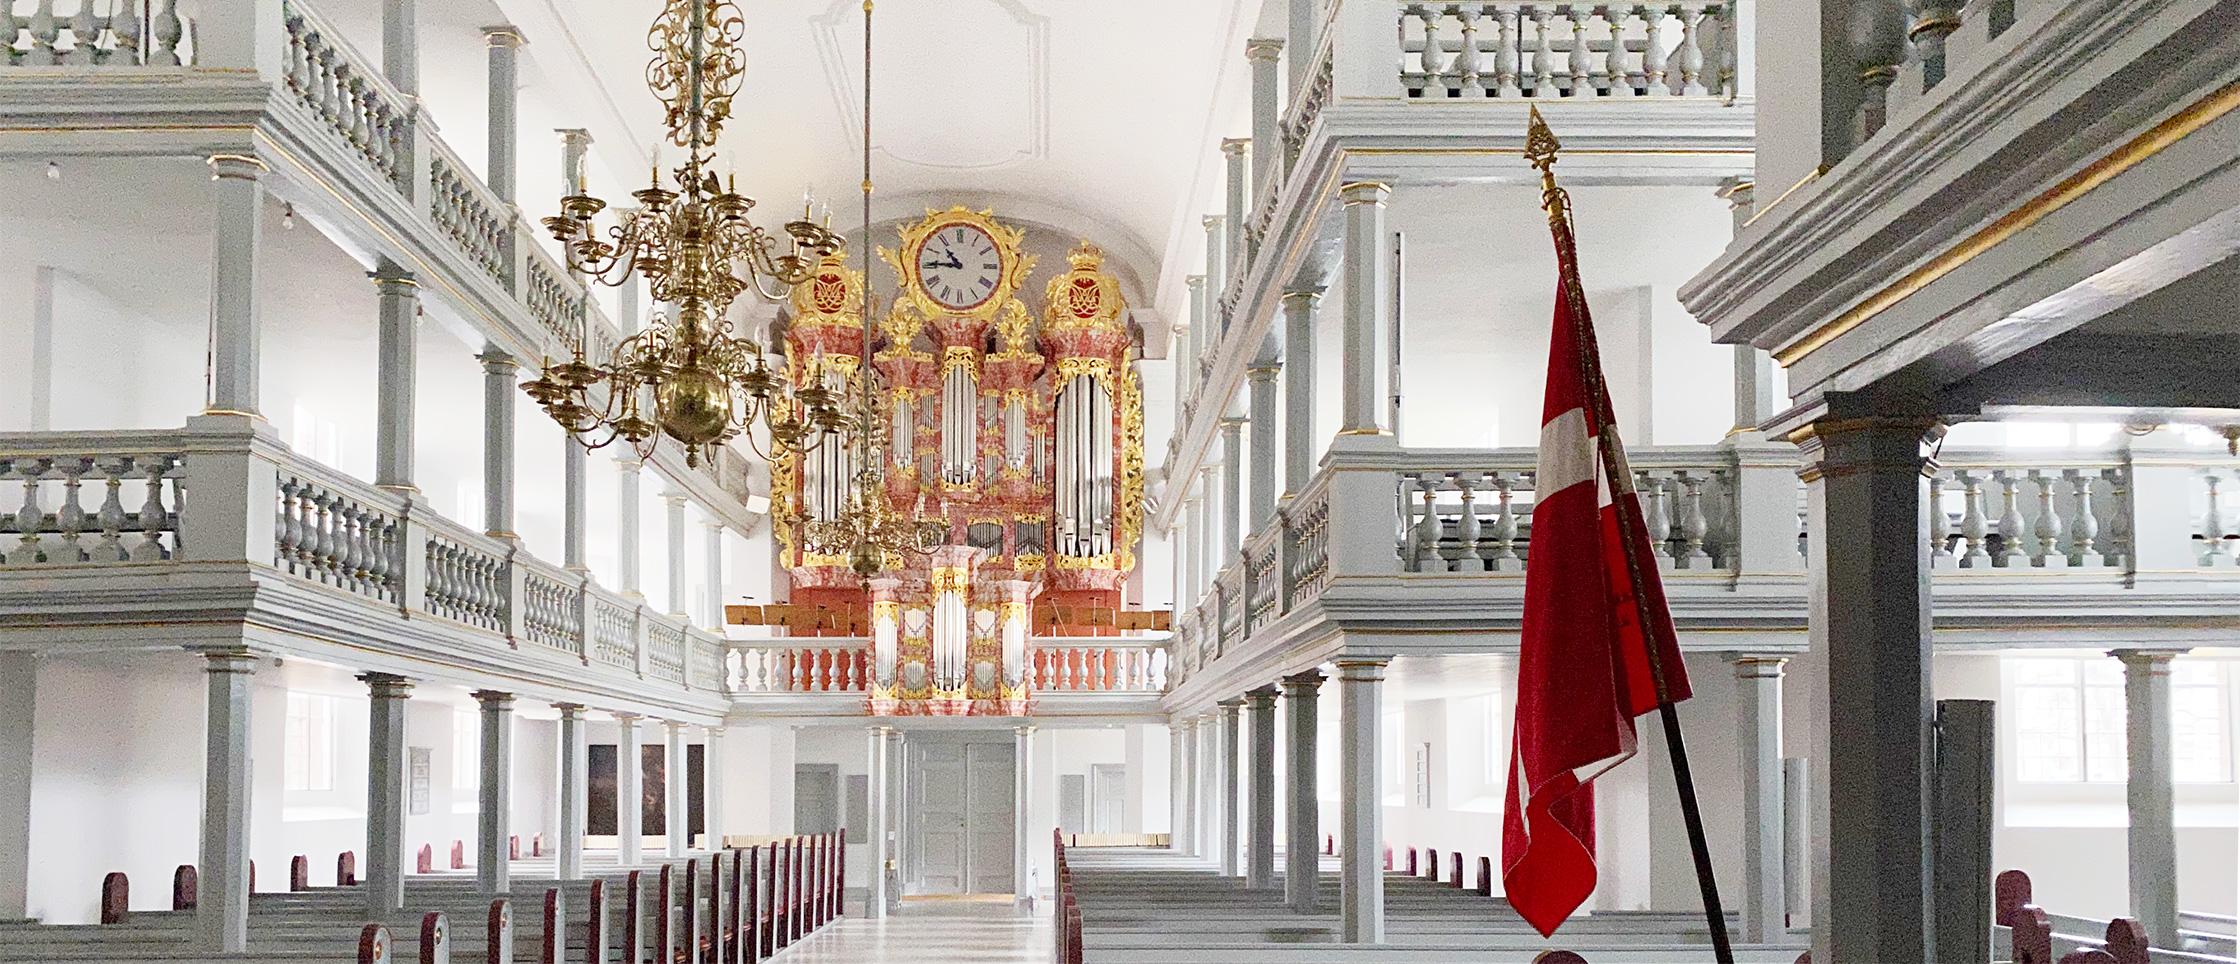 orgel_kirkerum